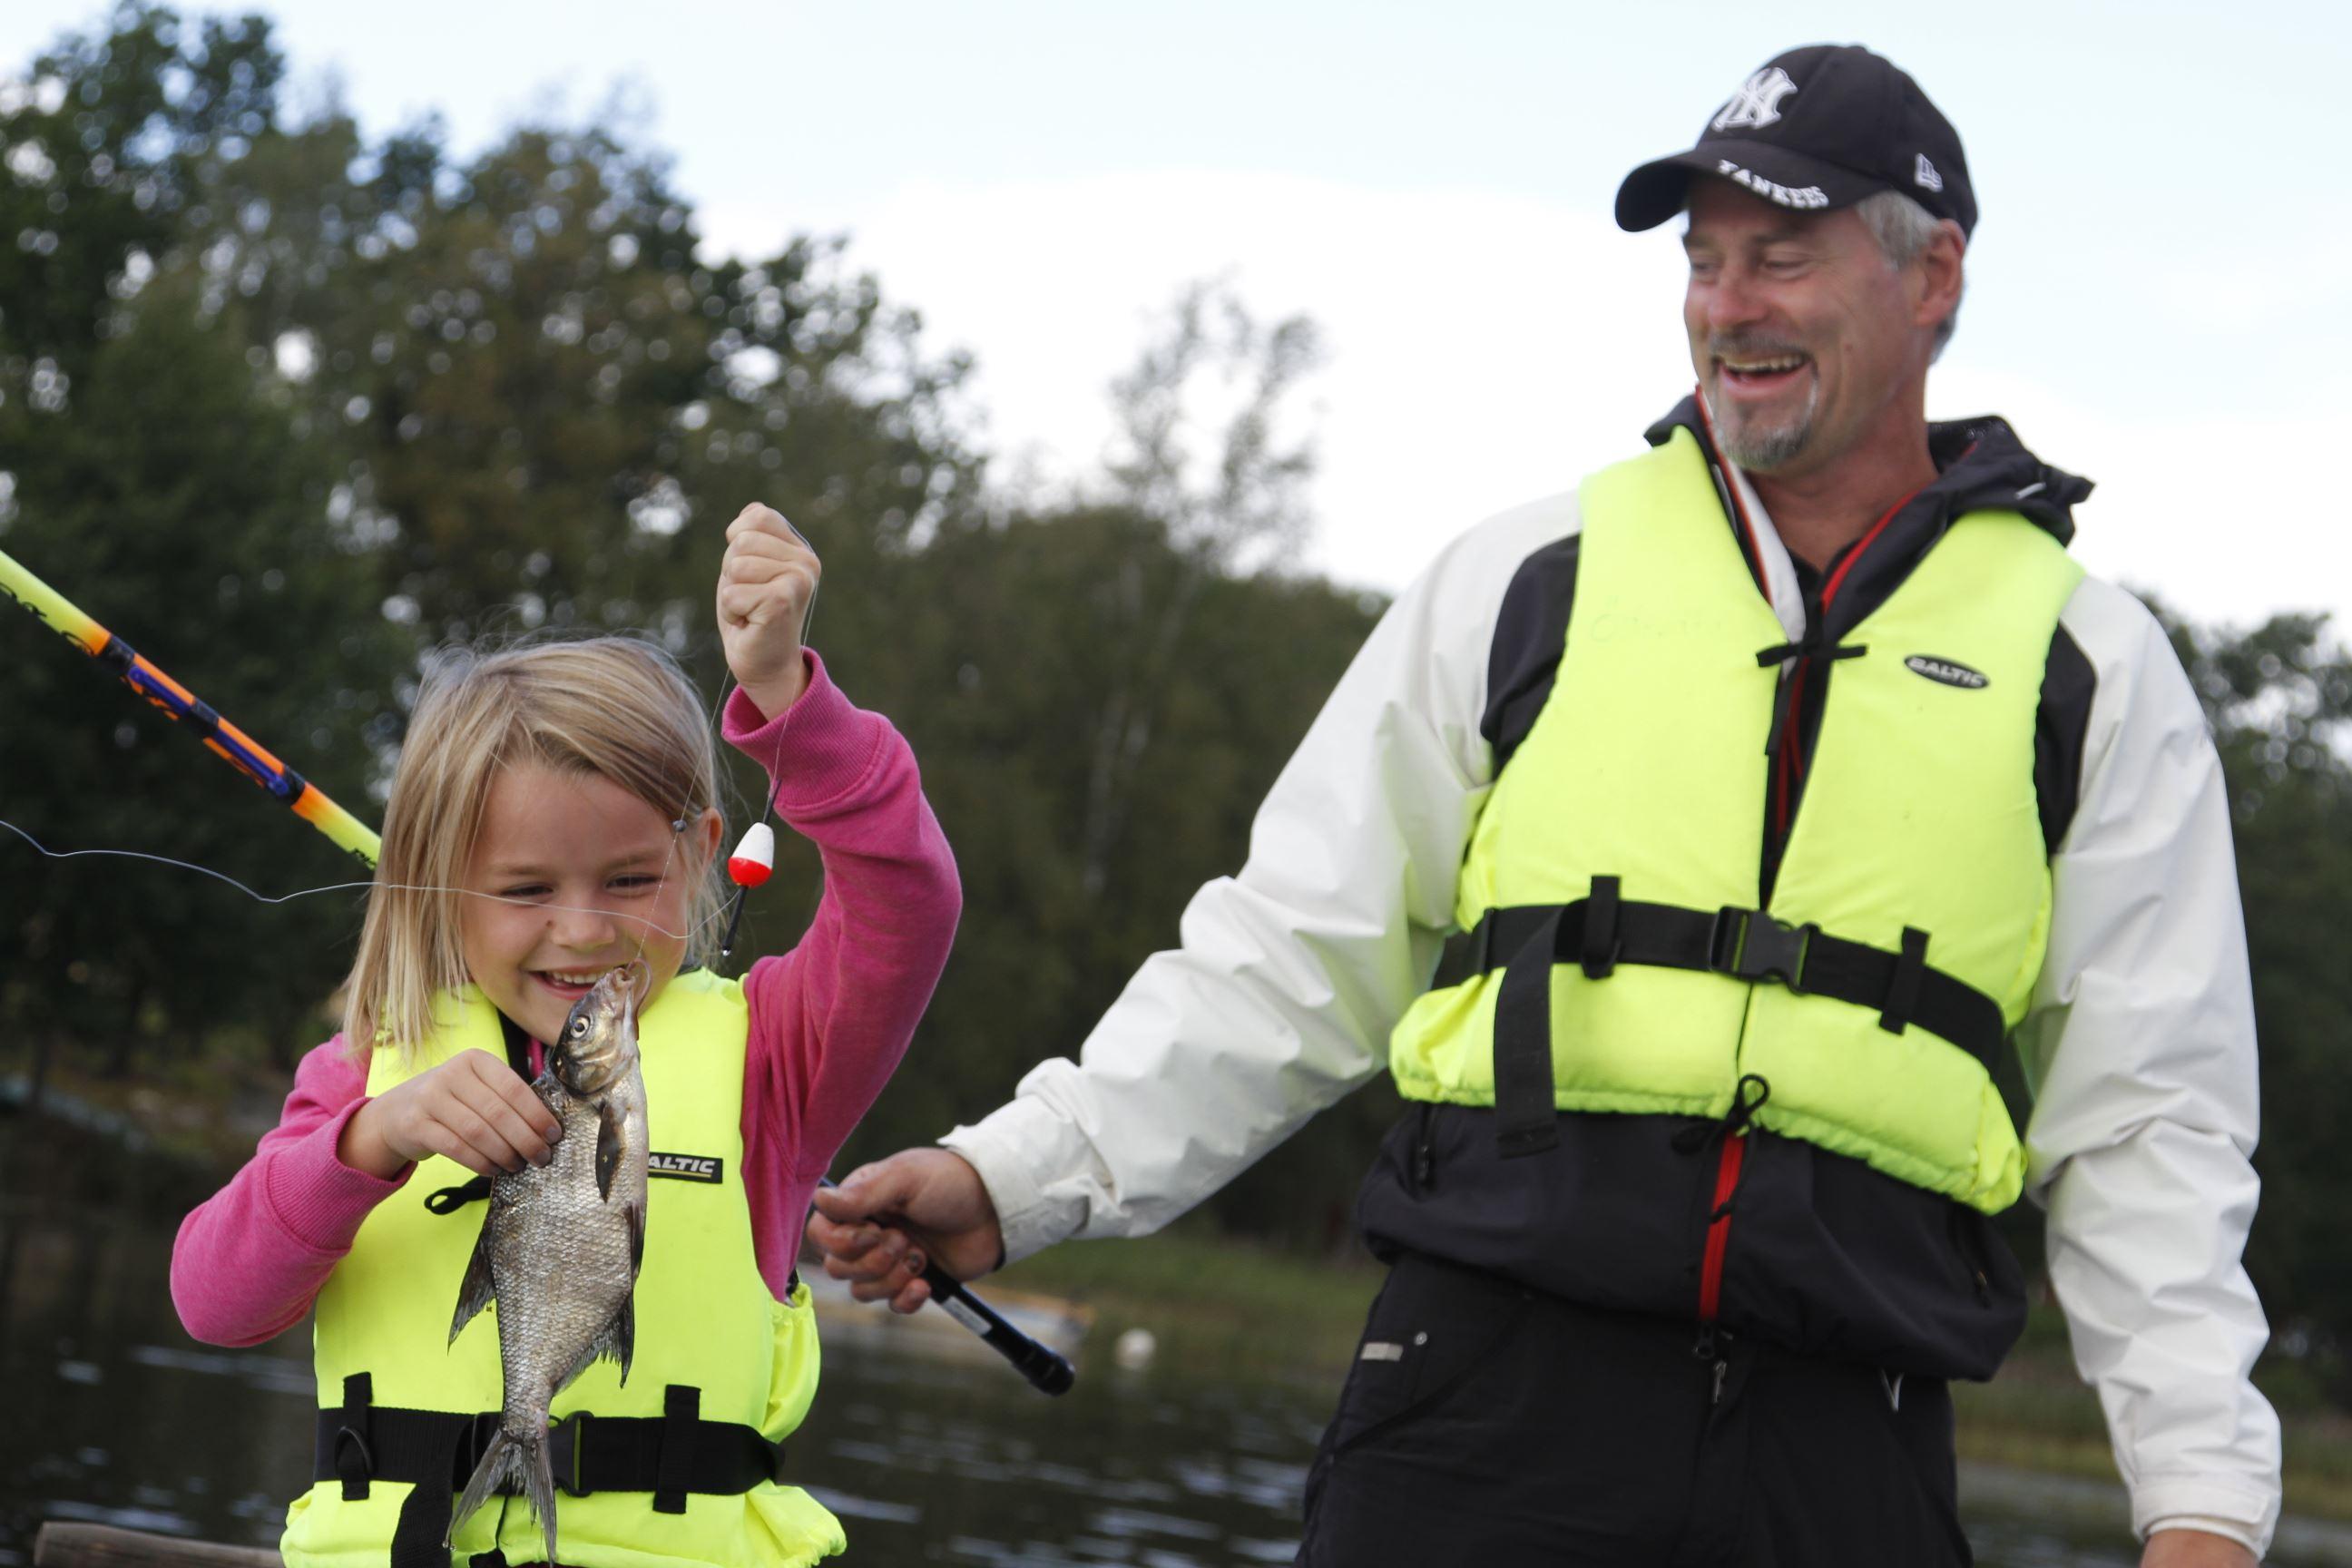 Ödevata Fiskecamp